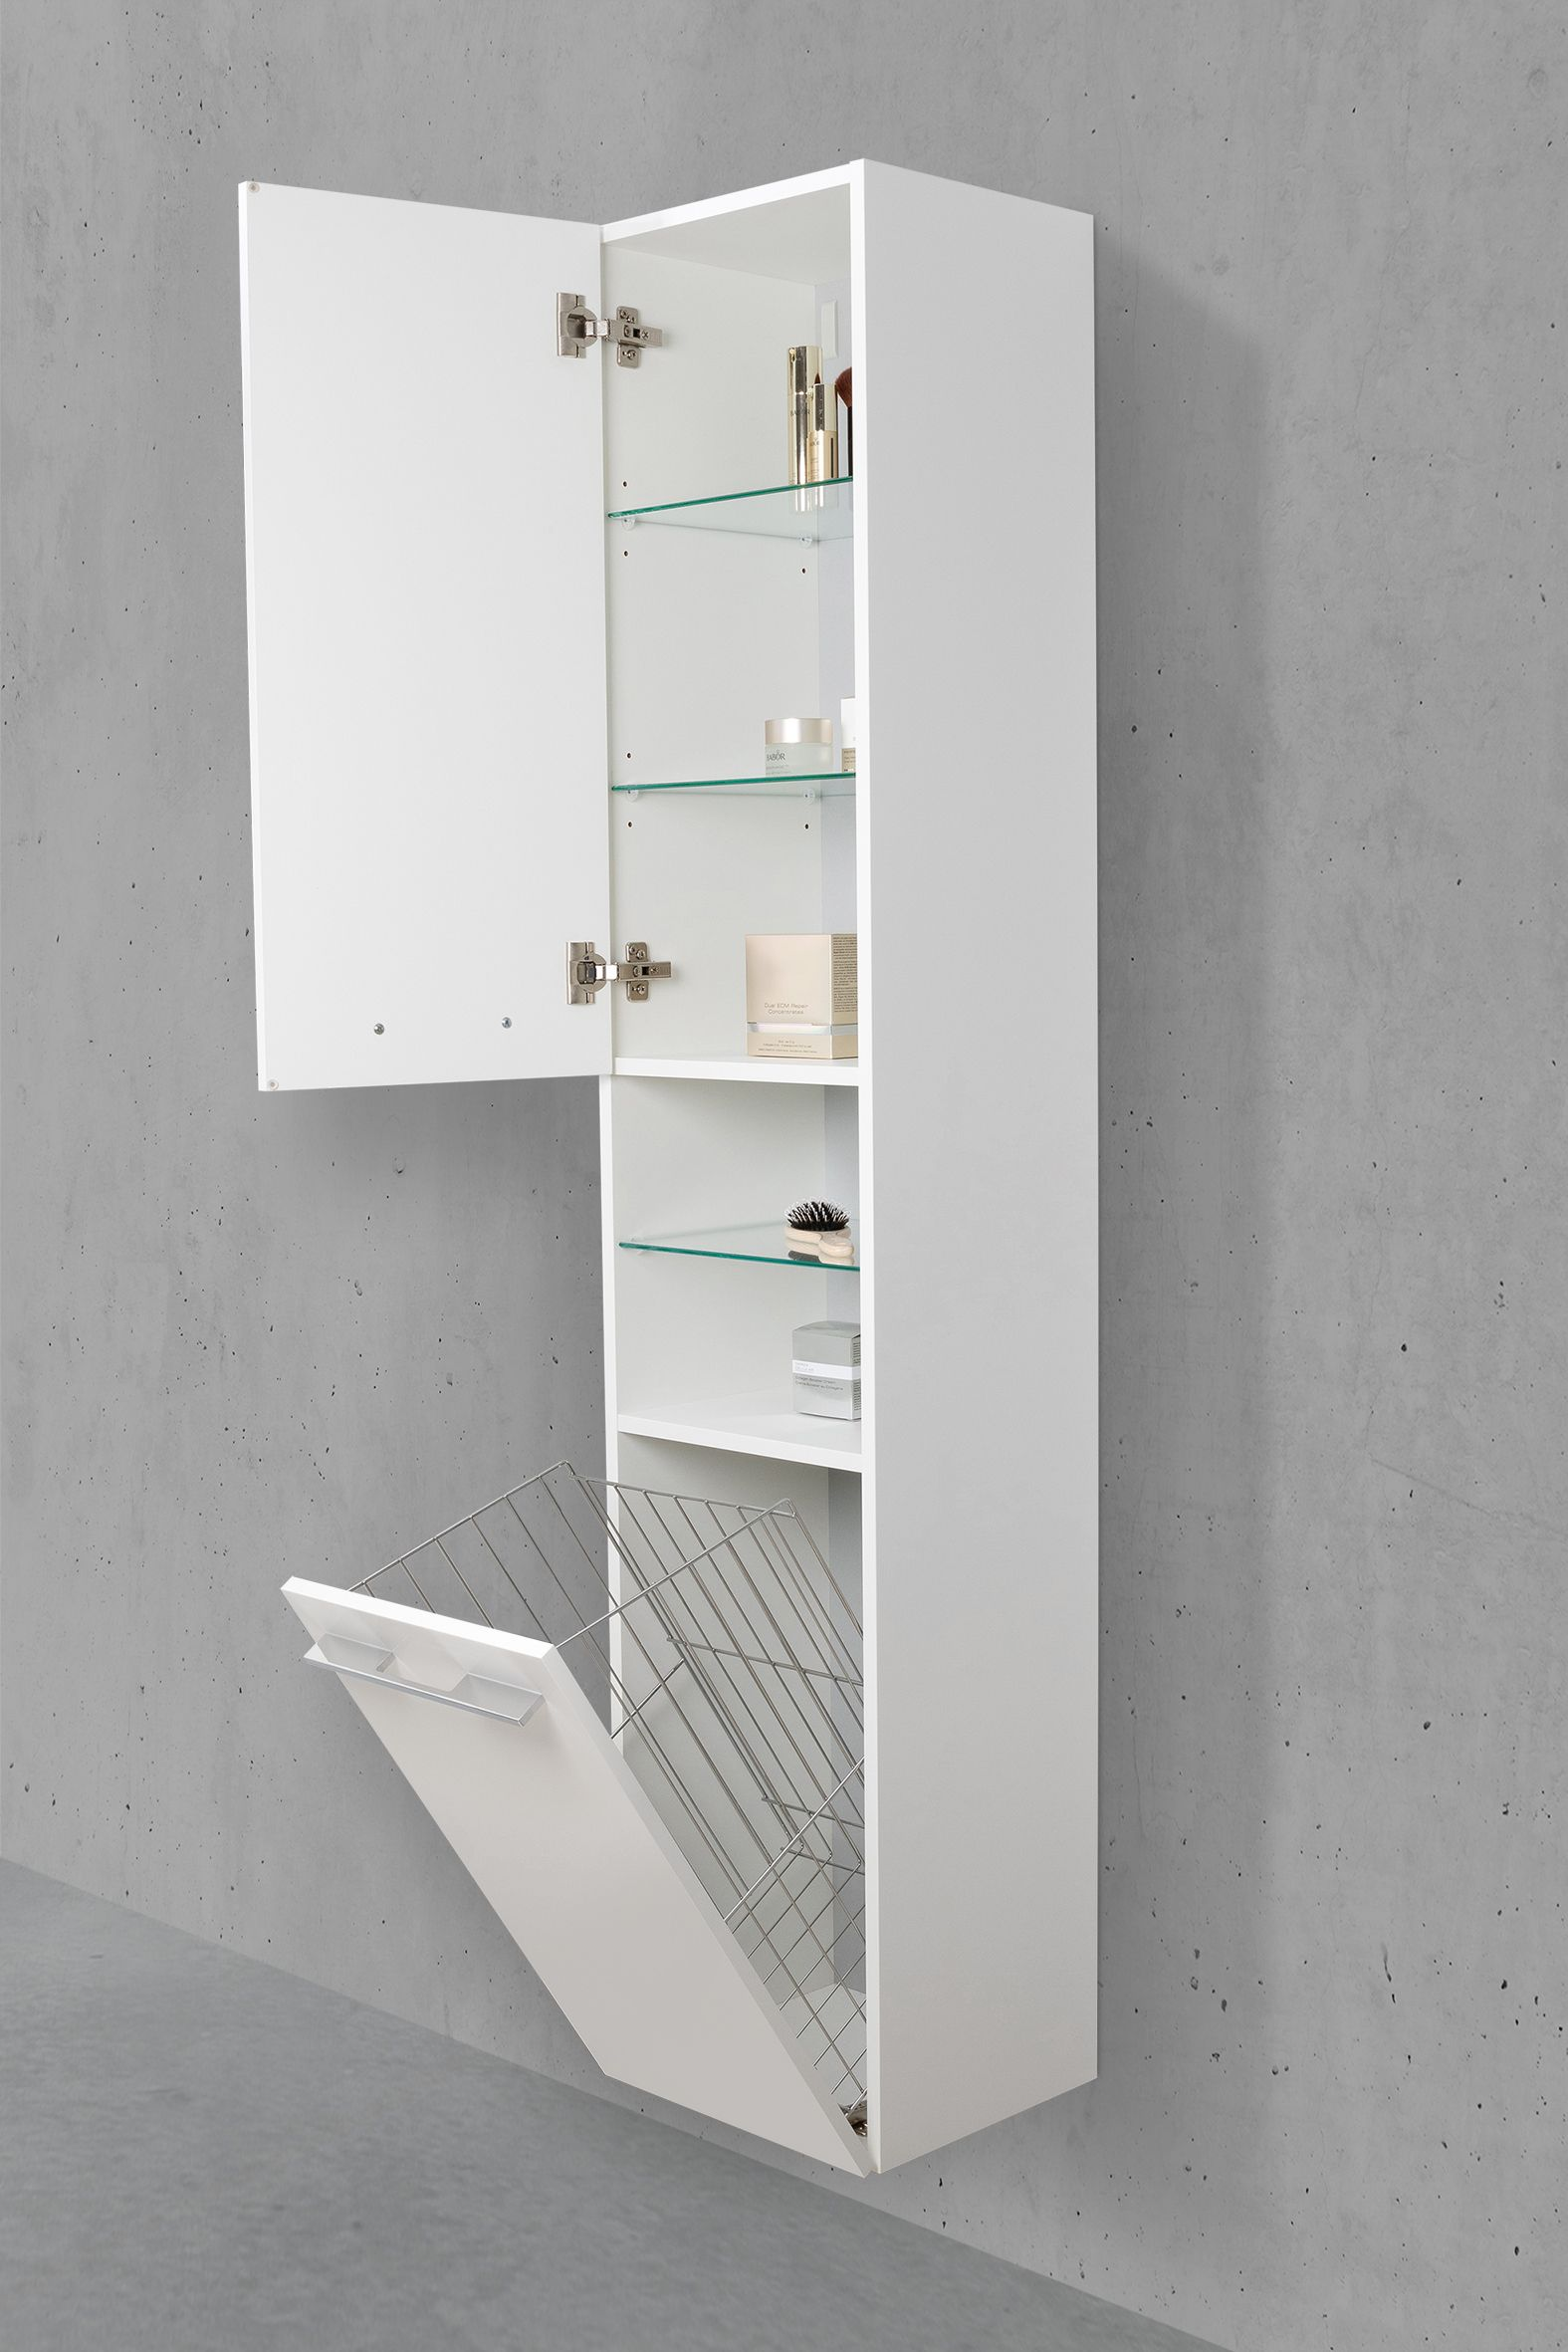 Badschrank Mit Waschekippe Hochschrank H B T 176 6 40 32 5cm Weiss